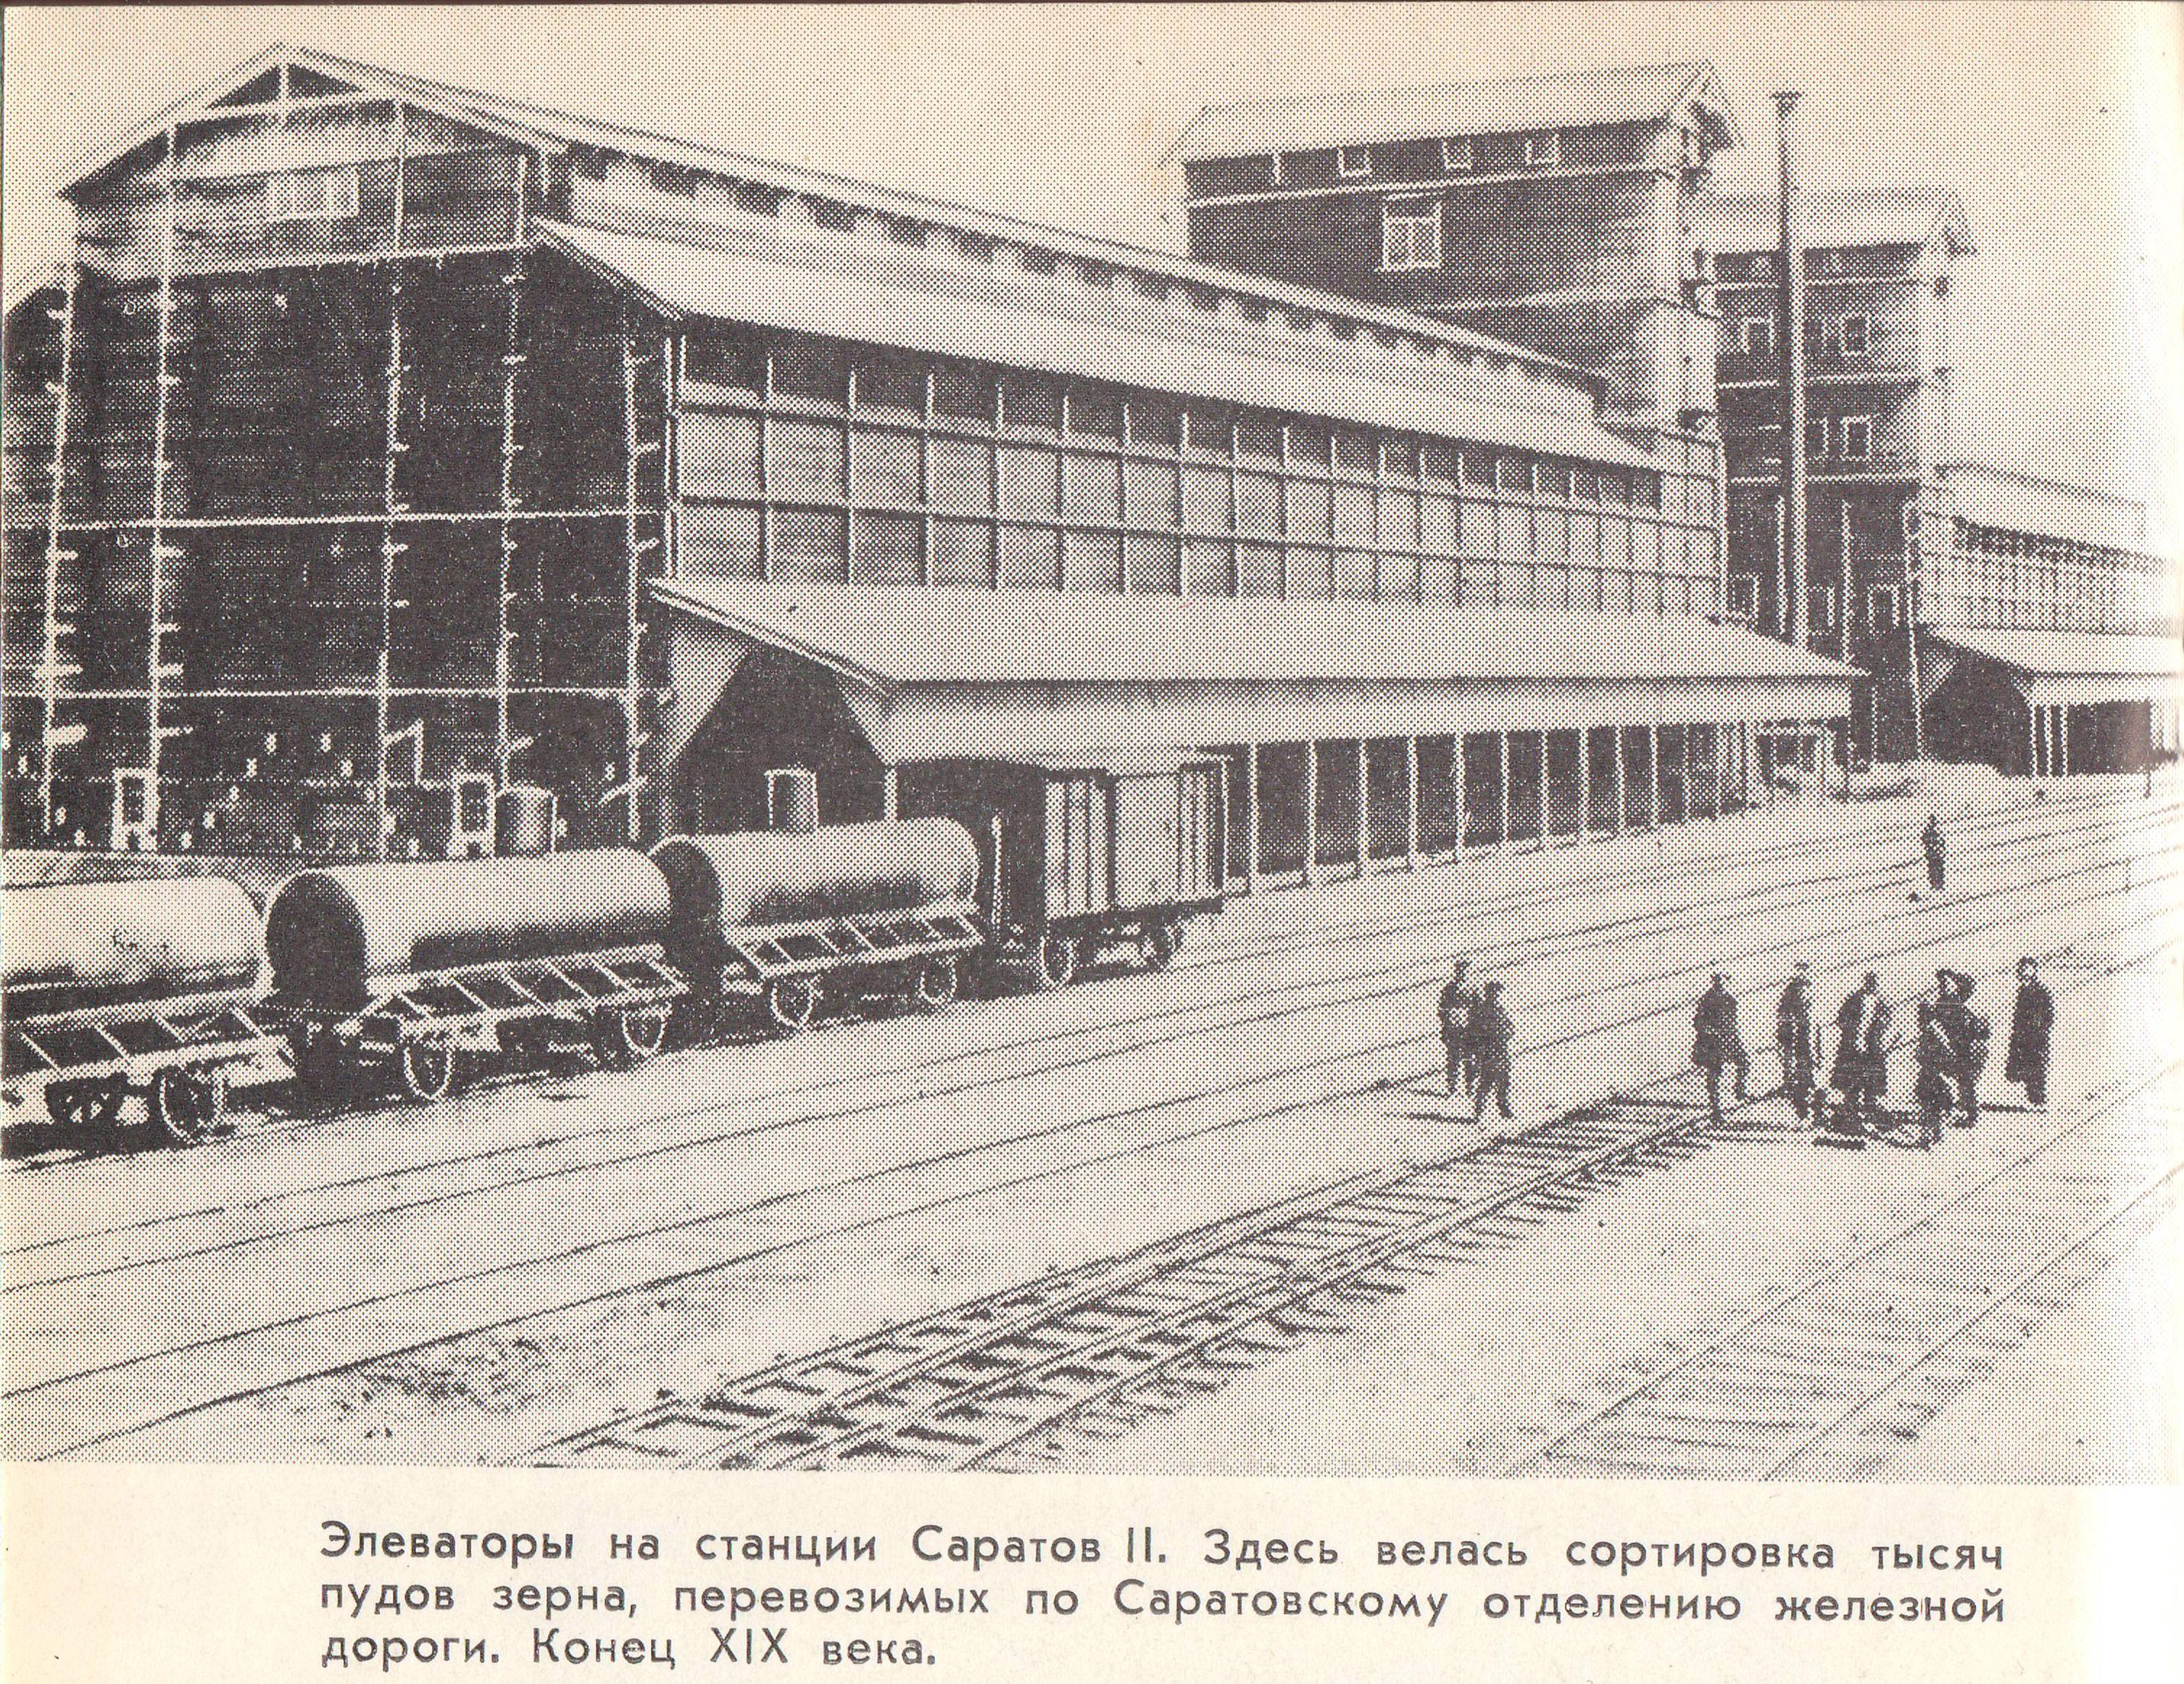 Саратовский элеватор история 1 рмг 4 транспортер